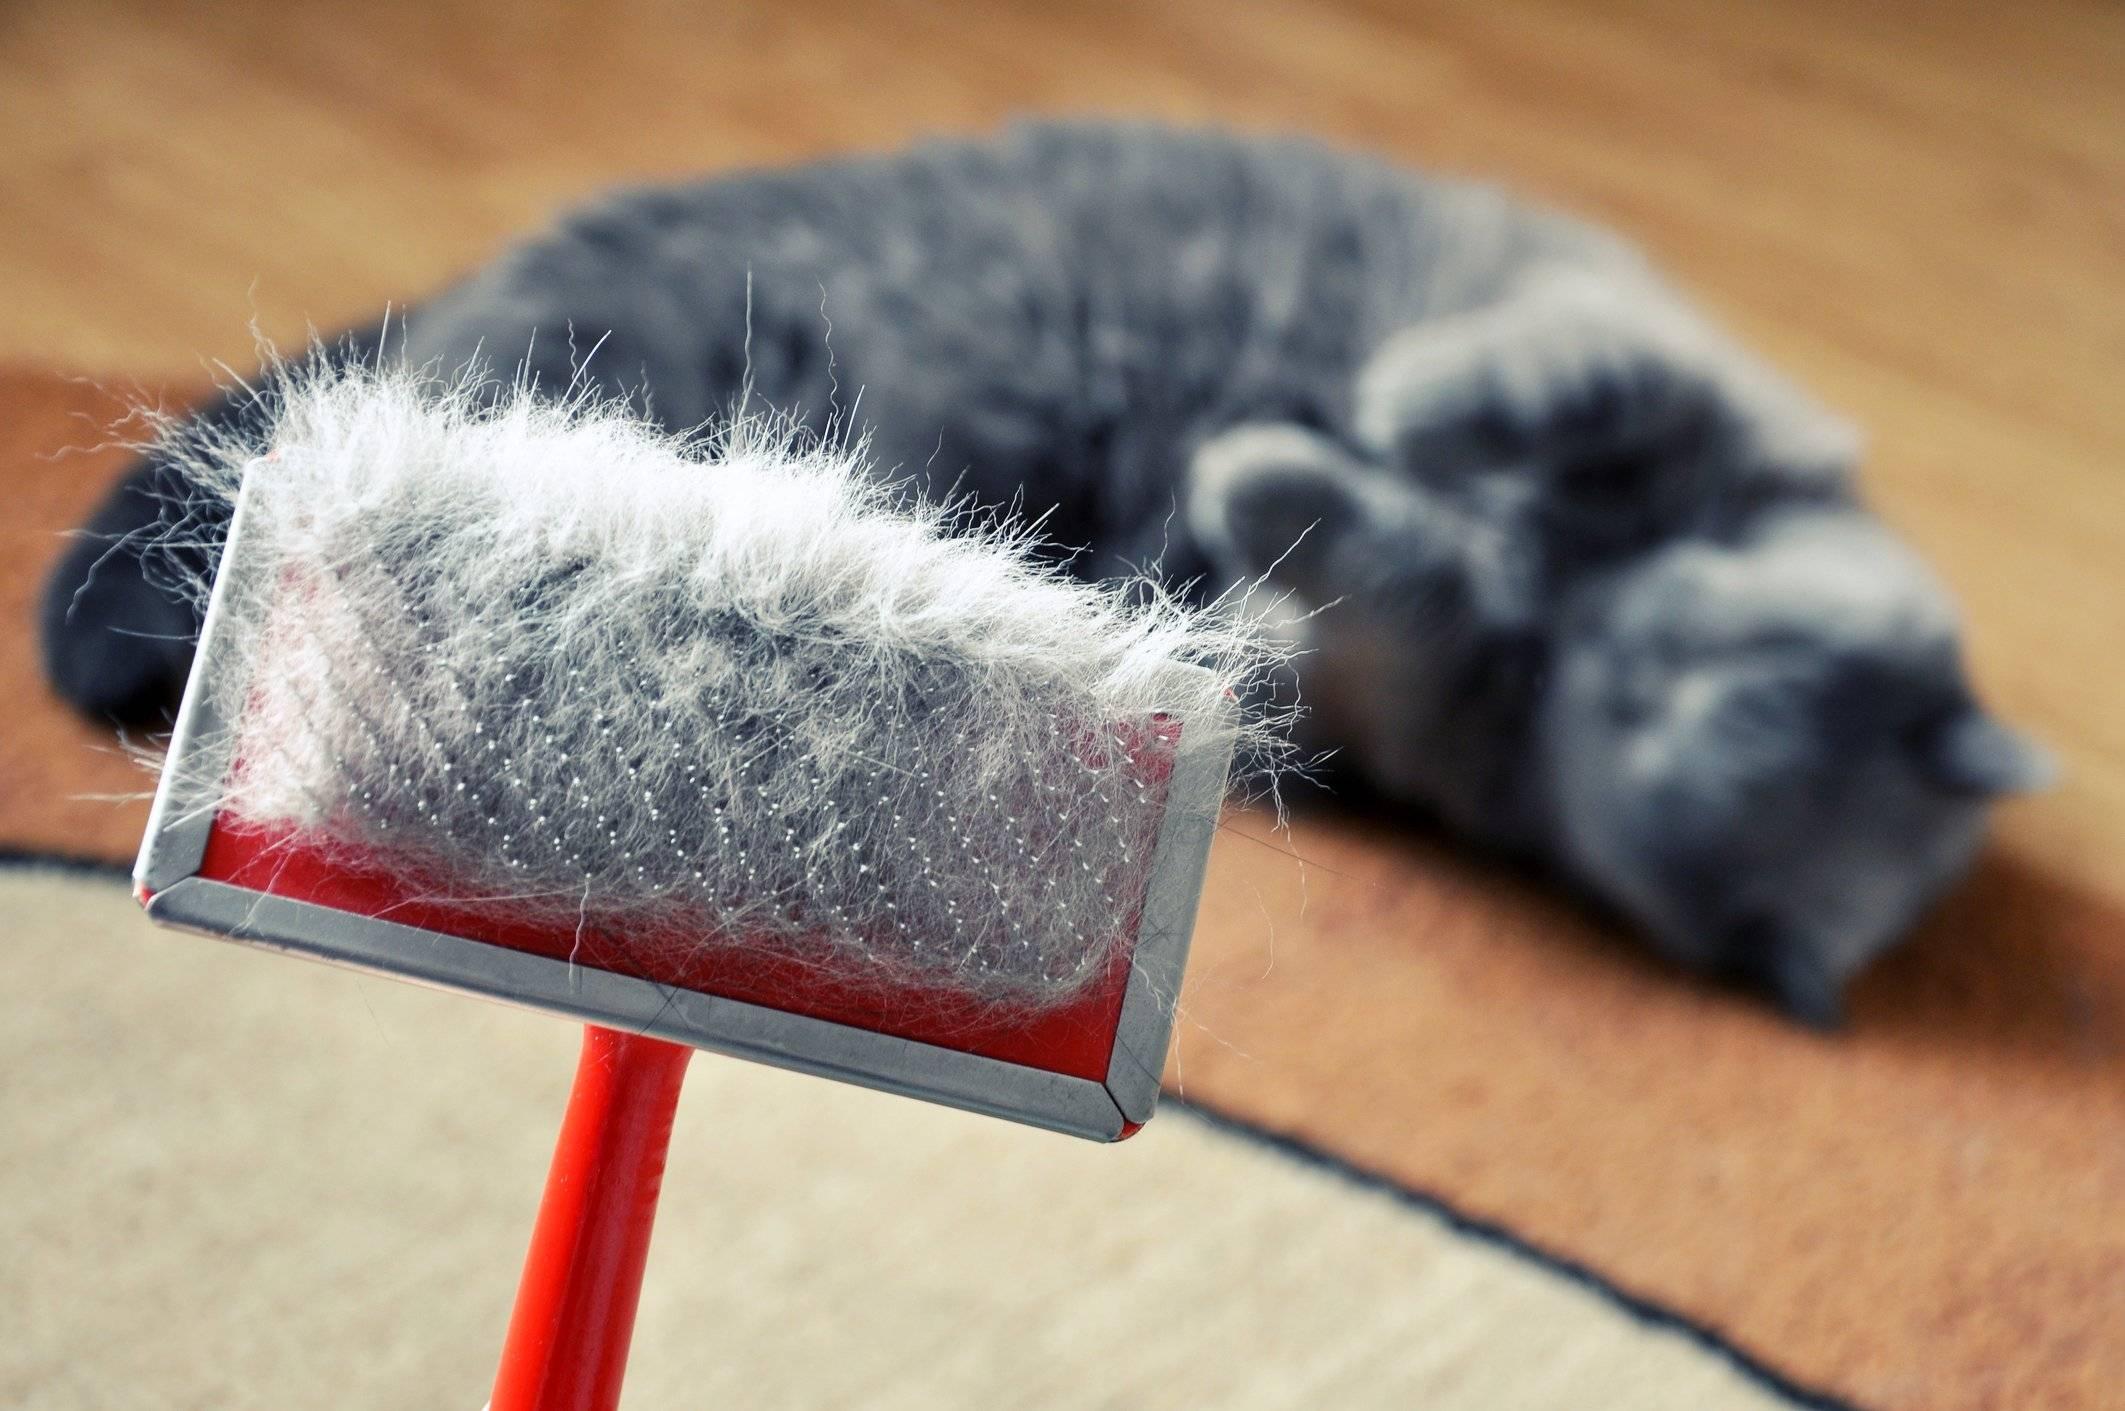 У кошки появилась перхоть: косметическая проблема или симптом тяжёлого заболевания?